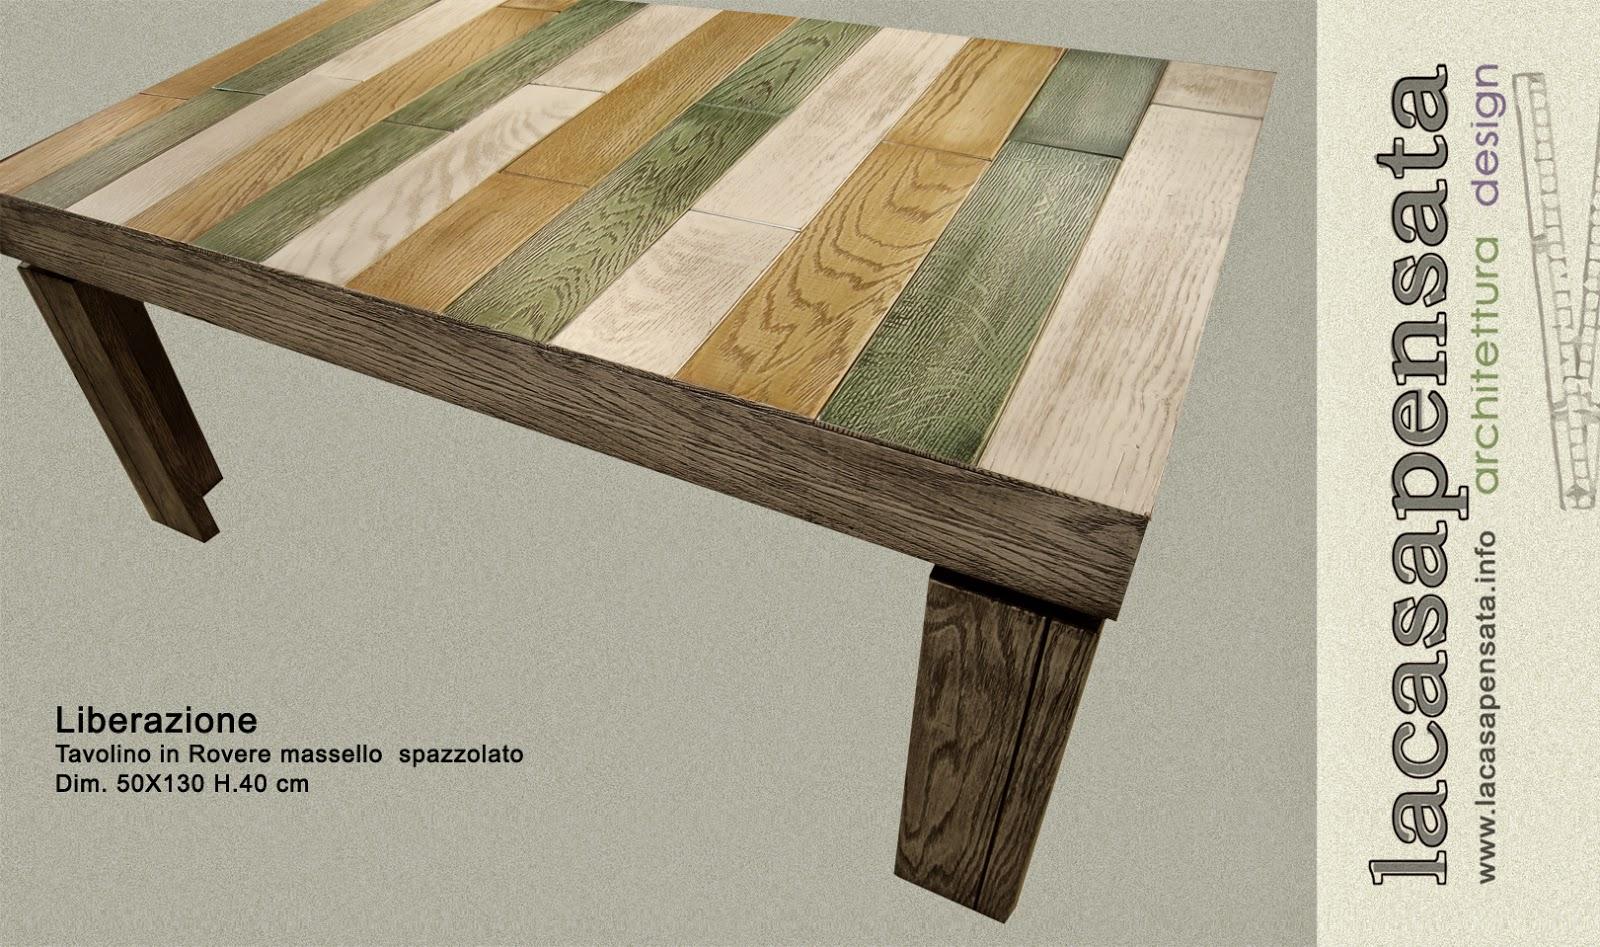 Come decapare un mobile di legno finest un mobile with come decapare un mobile di legno - Decapare un tavolo ...